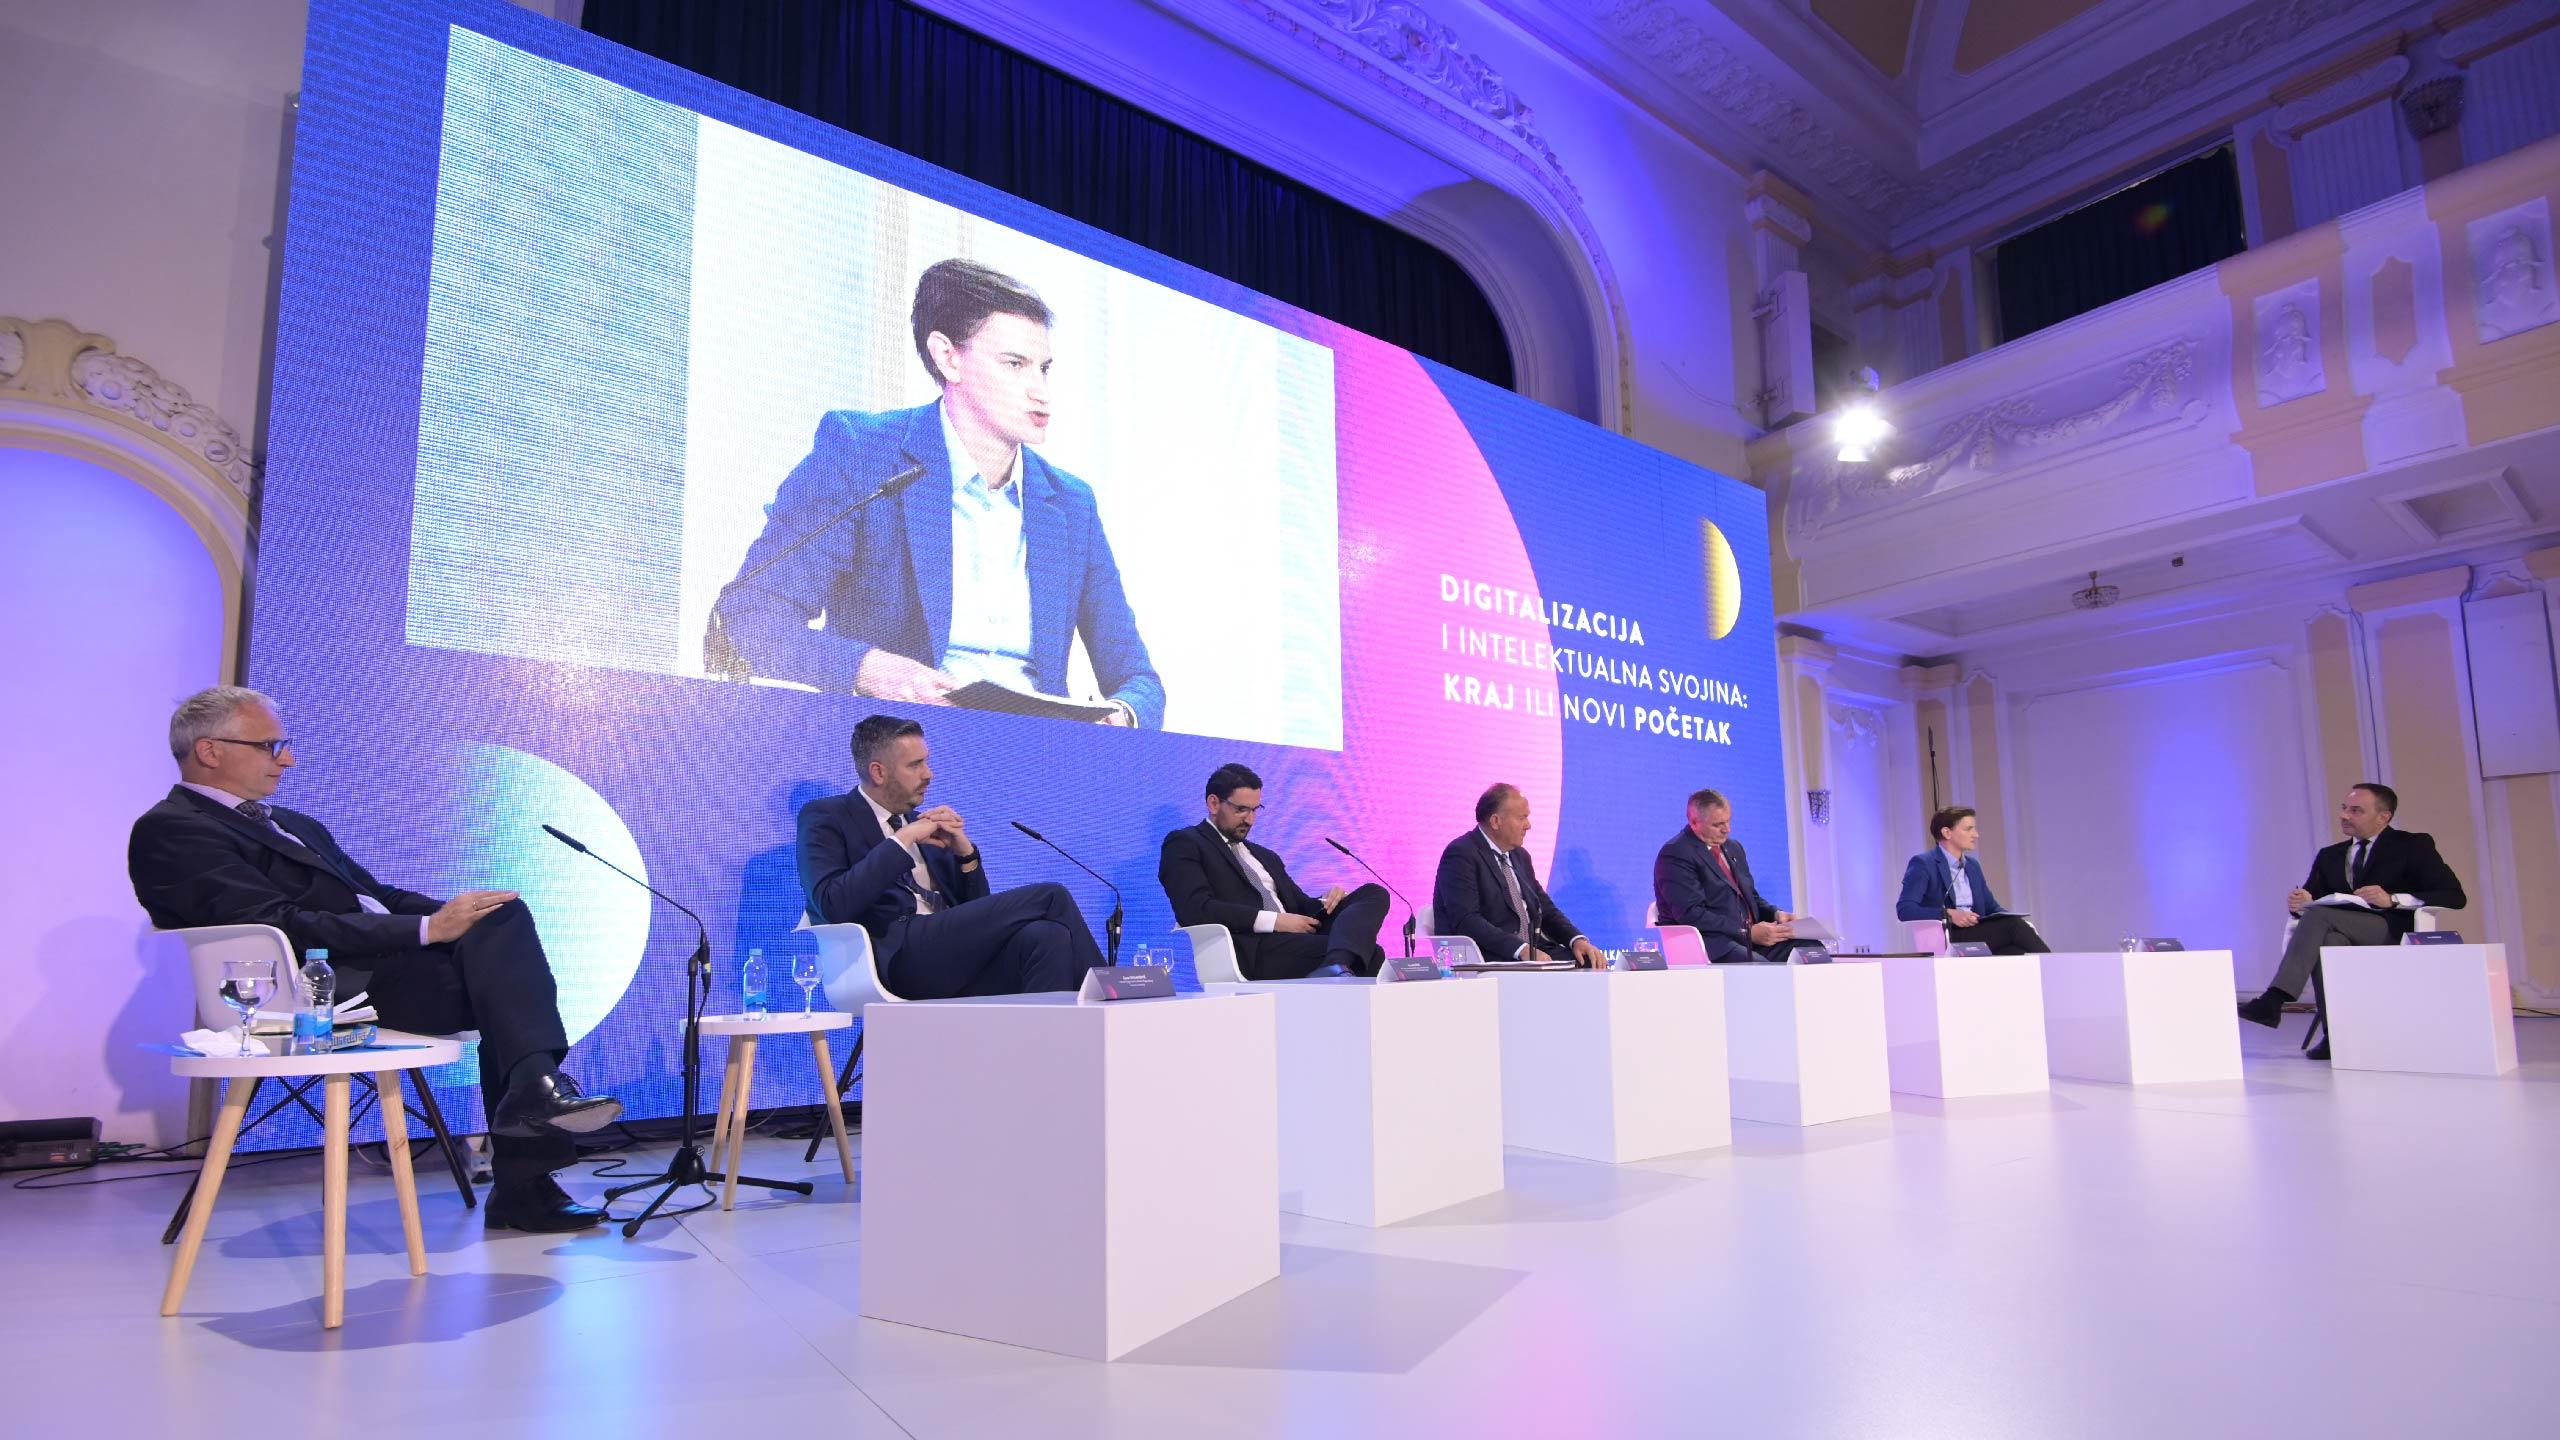 Konferencija Digitalizacija i intelektualna svojina | Agencija AQUARIUS | Banja Luka